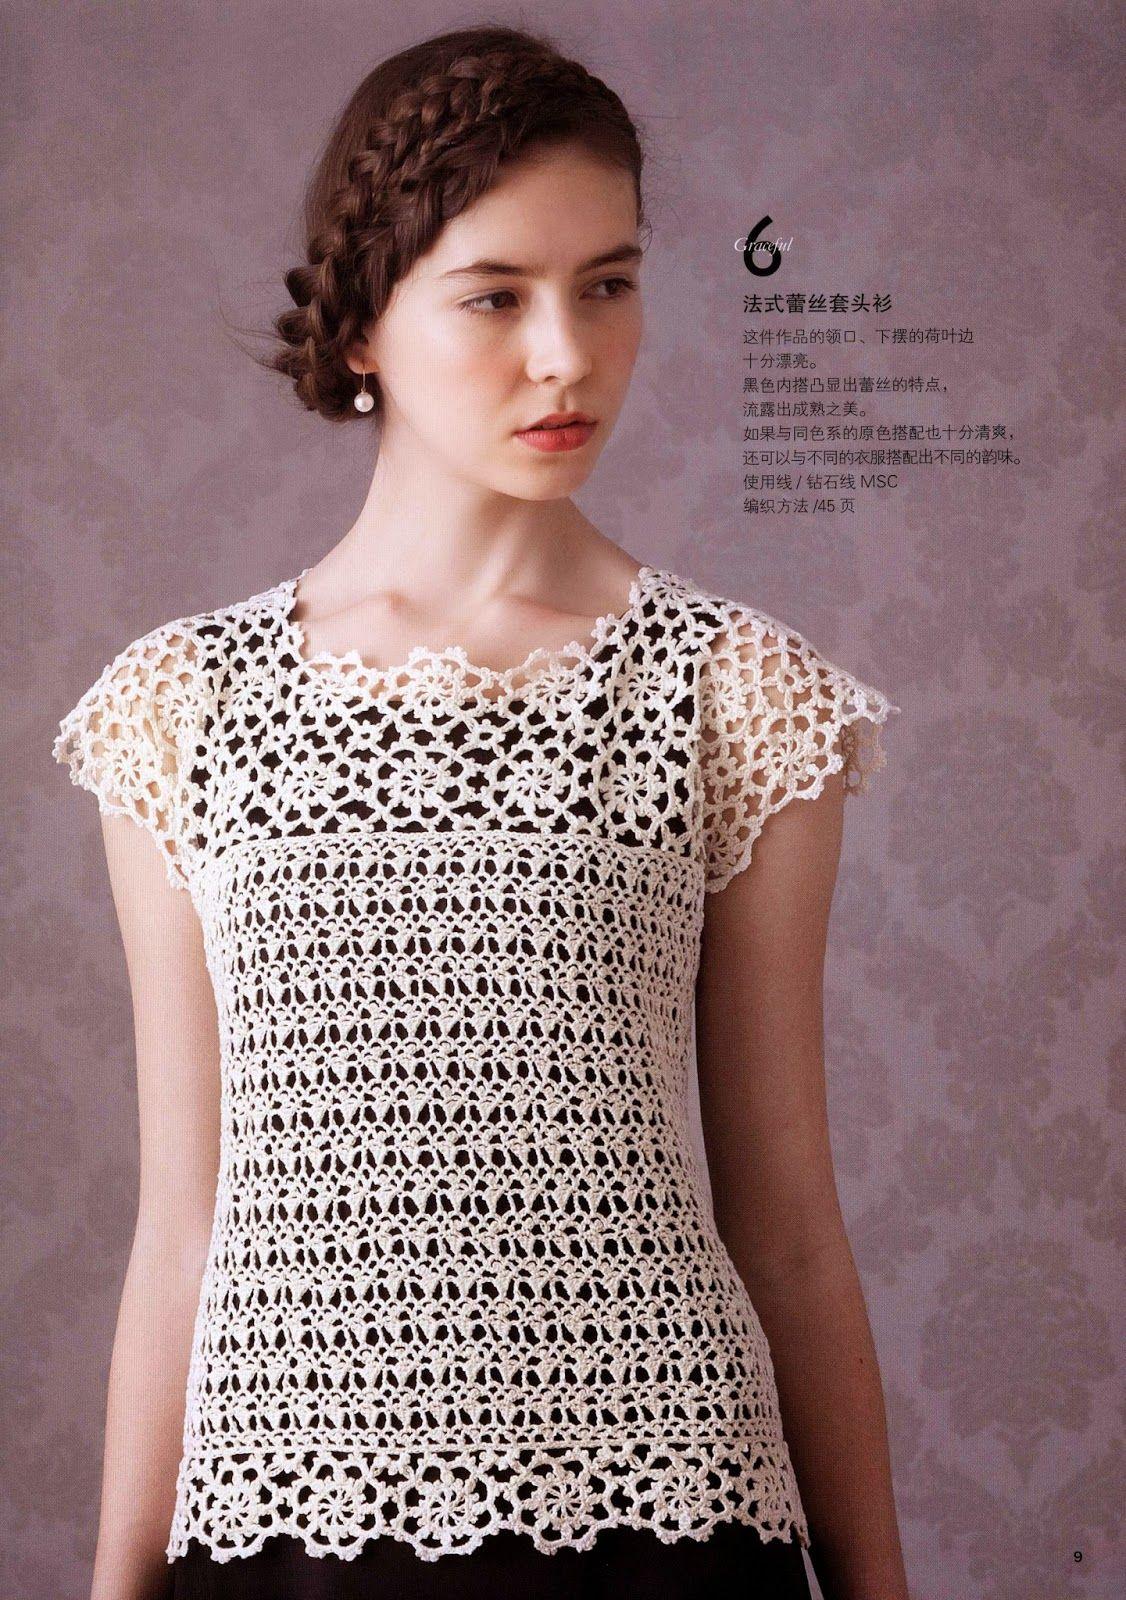 Entre um Fio e Outro: Blusa em Crochê, crochet shirt or top ...